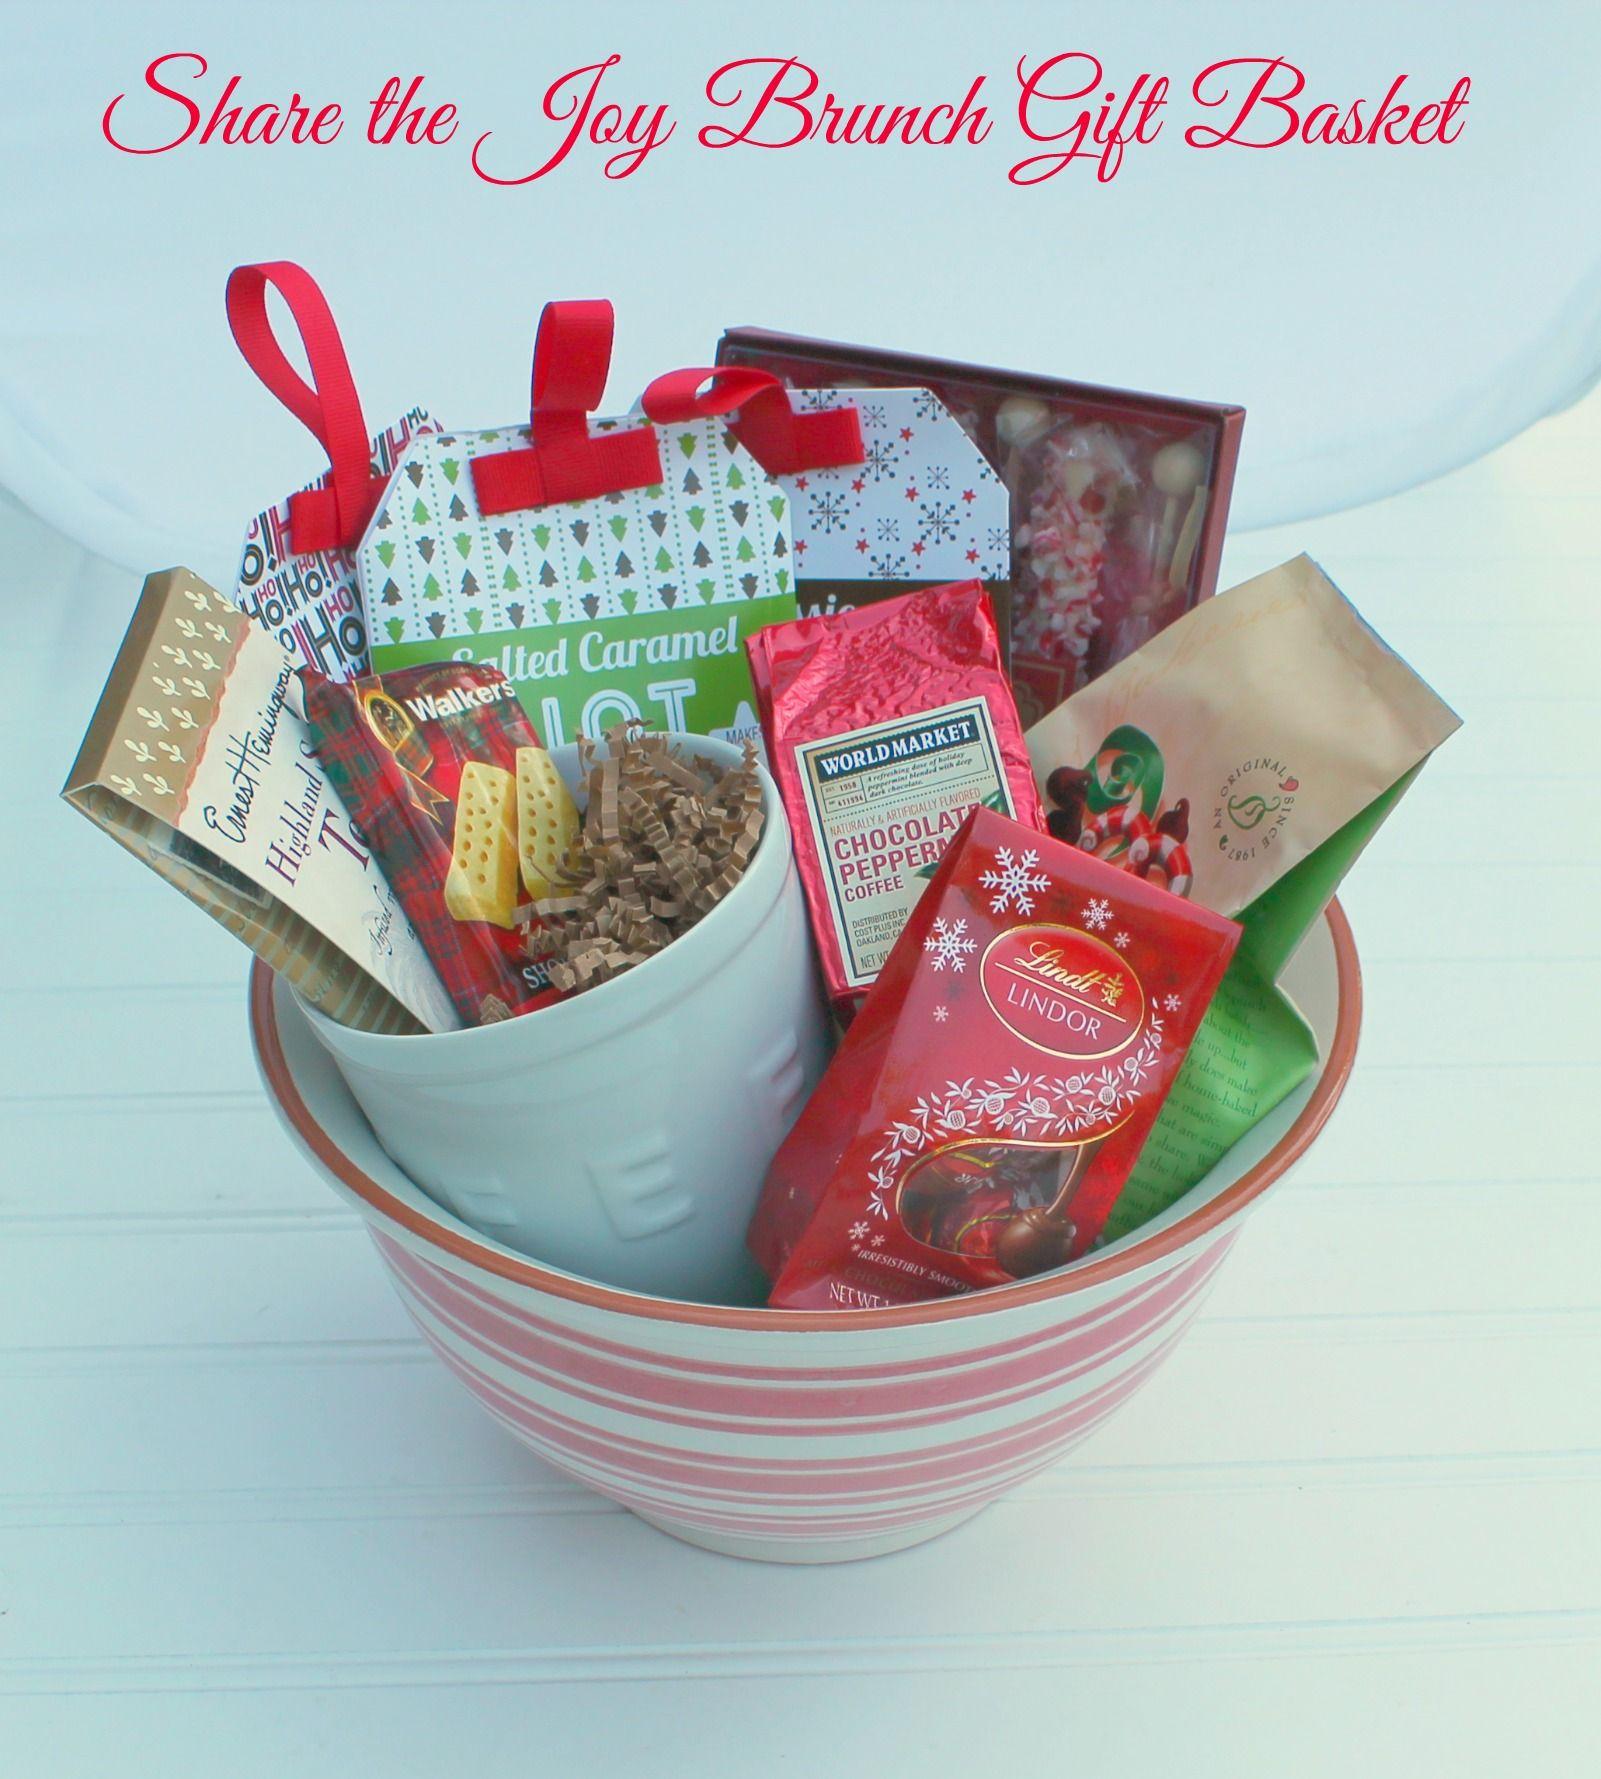 Make a christmas gift basket diy and sharethejoy basket ideas learn how to make a sharethejoywm brunch gift basket diy and learn how to negle Choice Image